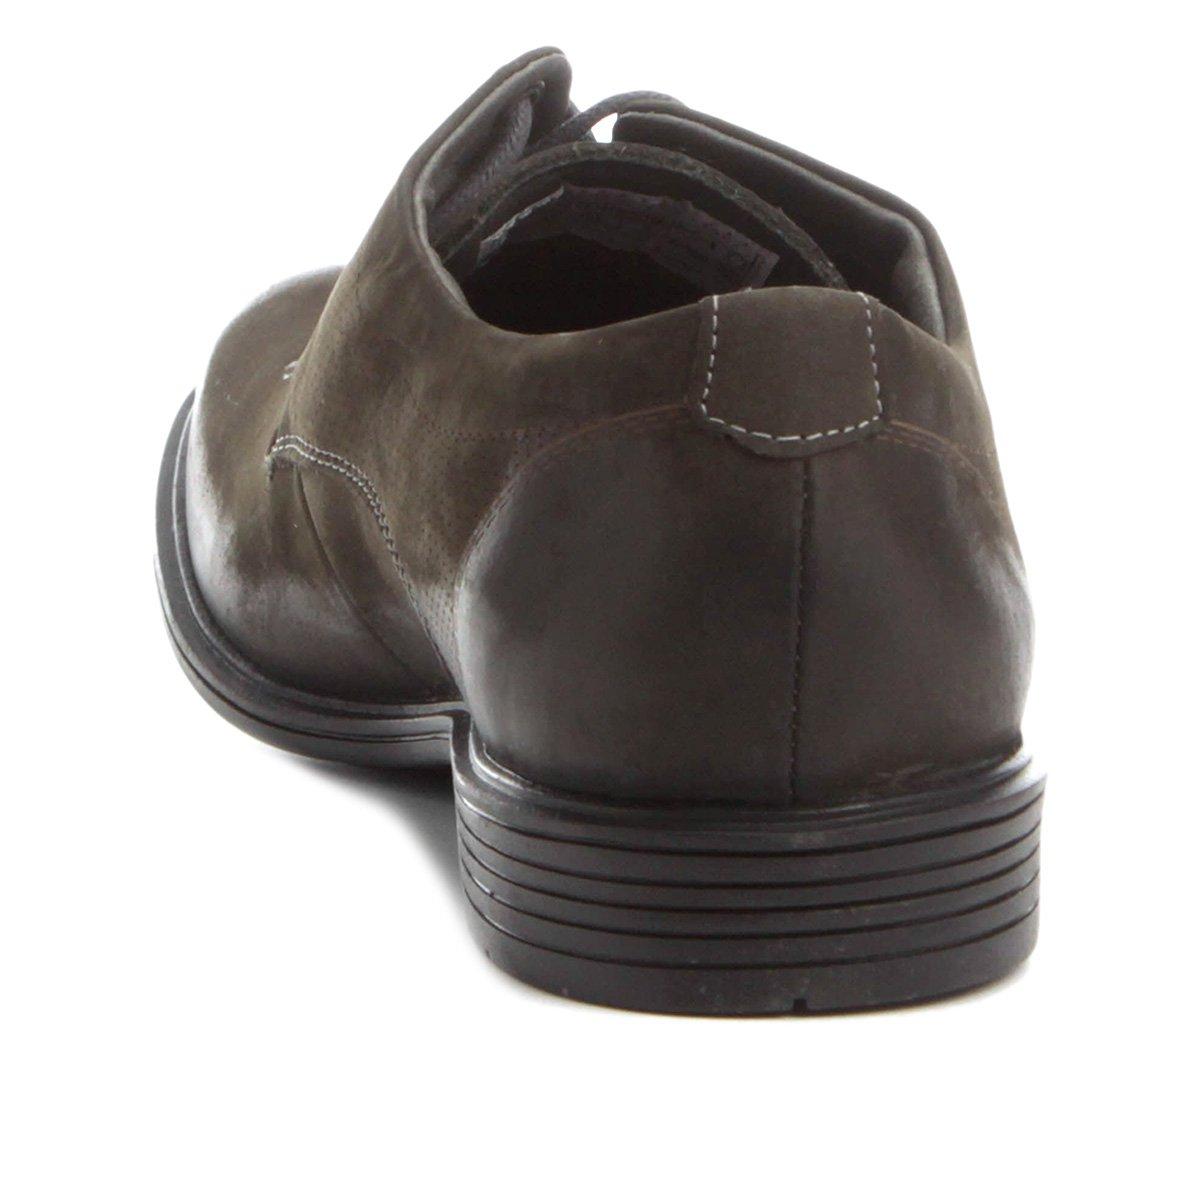 Couro Masculino Sapato Bolonha Casual Couro Casual Ferracini Sapato Marinho Ferracini Bolonha TOqgBB